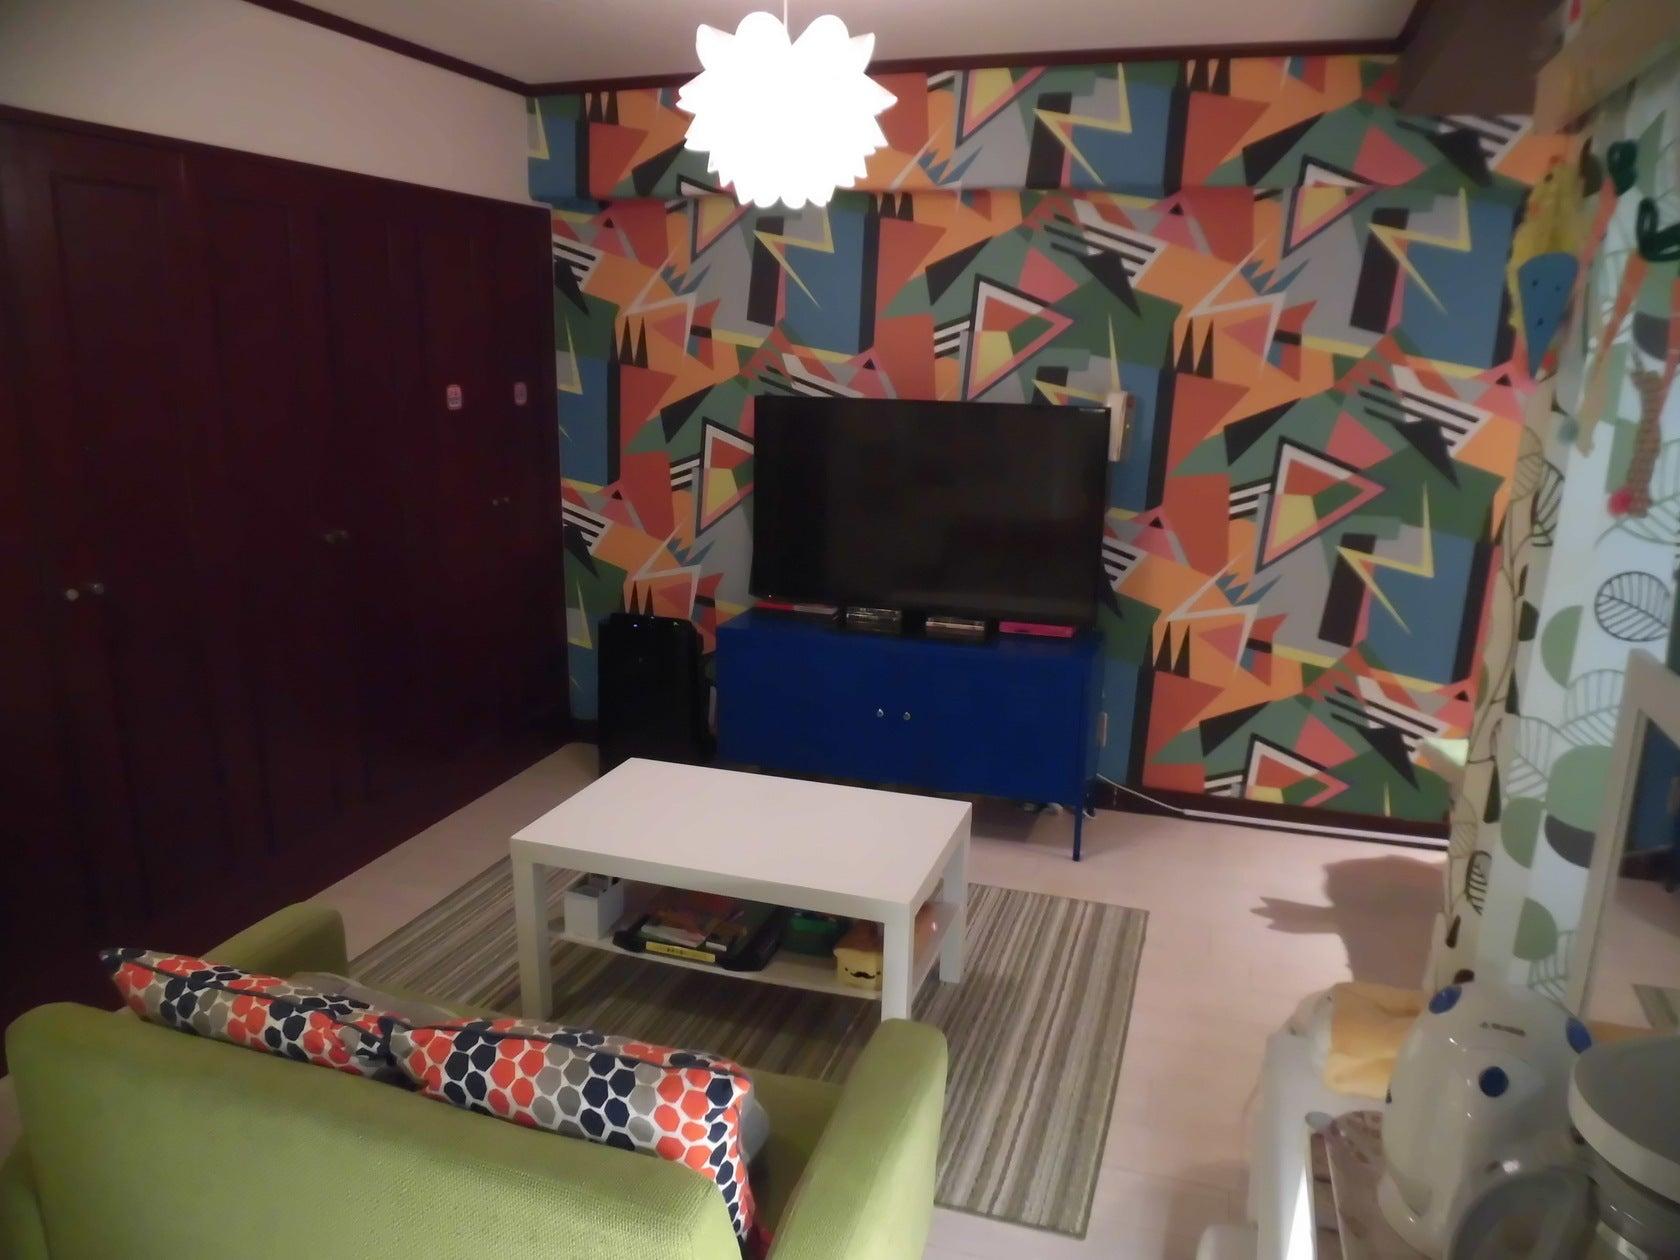 大阪城徒歩圏内・キッチン&調味料付きのダブルルーム の写真